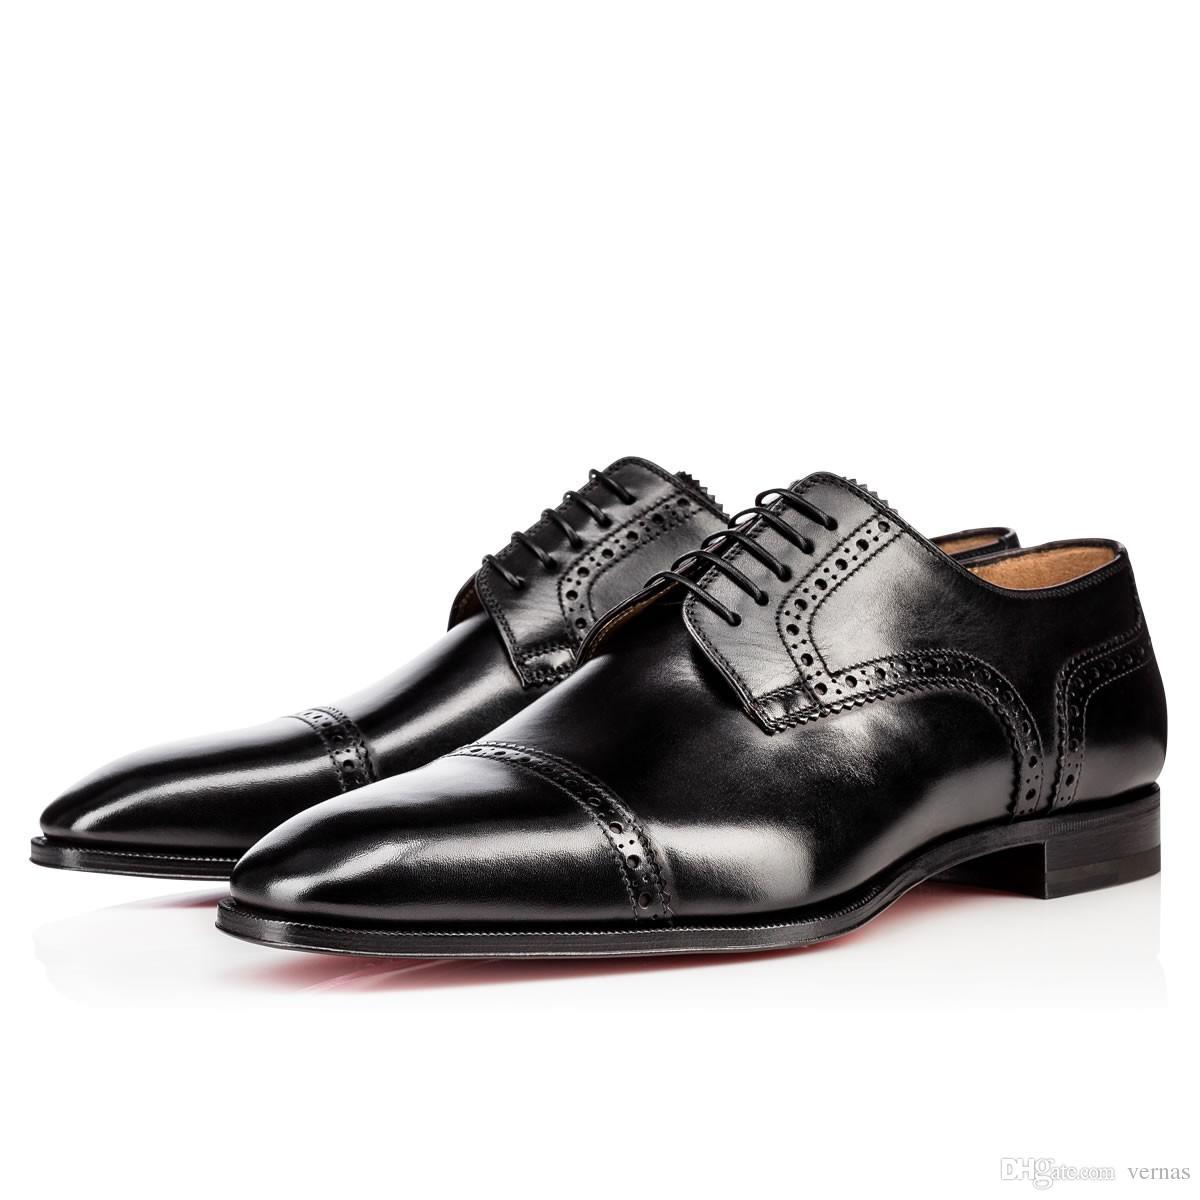 Модные кроссовки красные нижние туфли Итак, Чарльз Телф натуральная кожа плоский Оксфорд Обувь мужская Женская Идеальная прогулка Квартиры Свадьба Лезвия